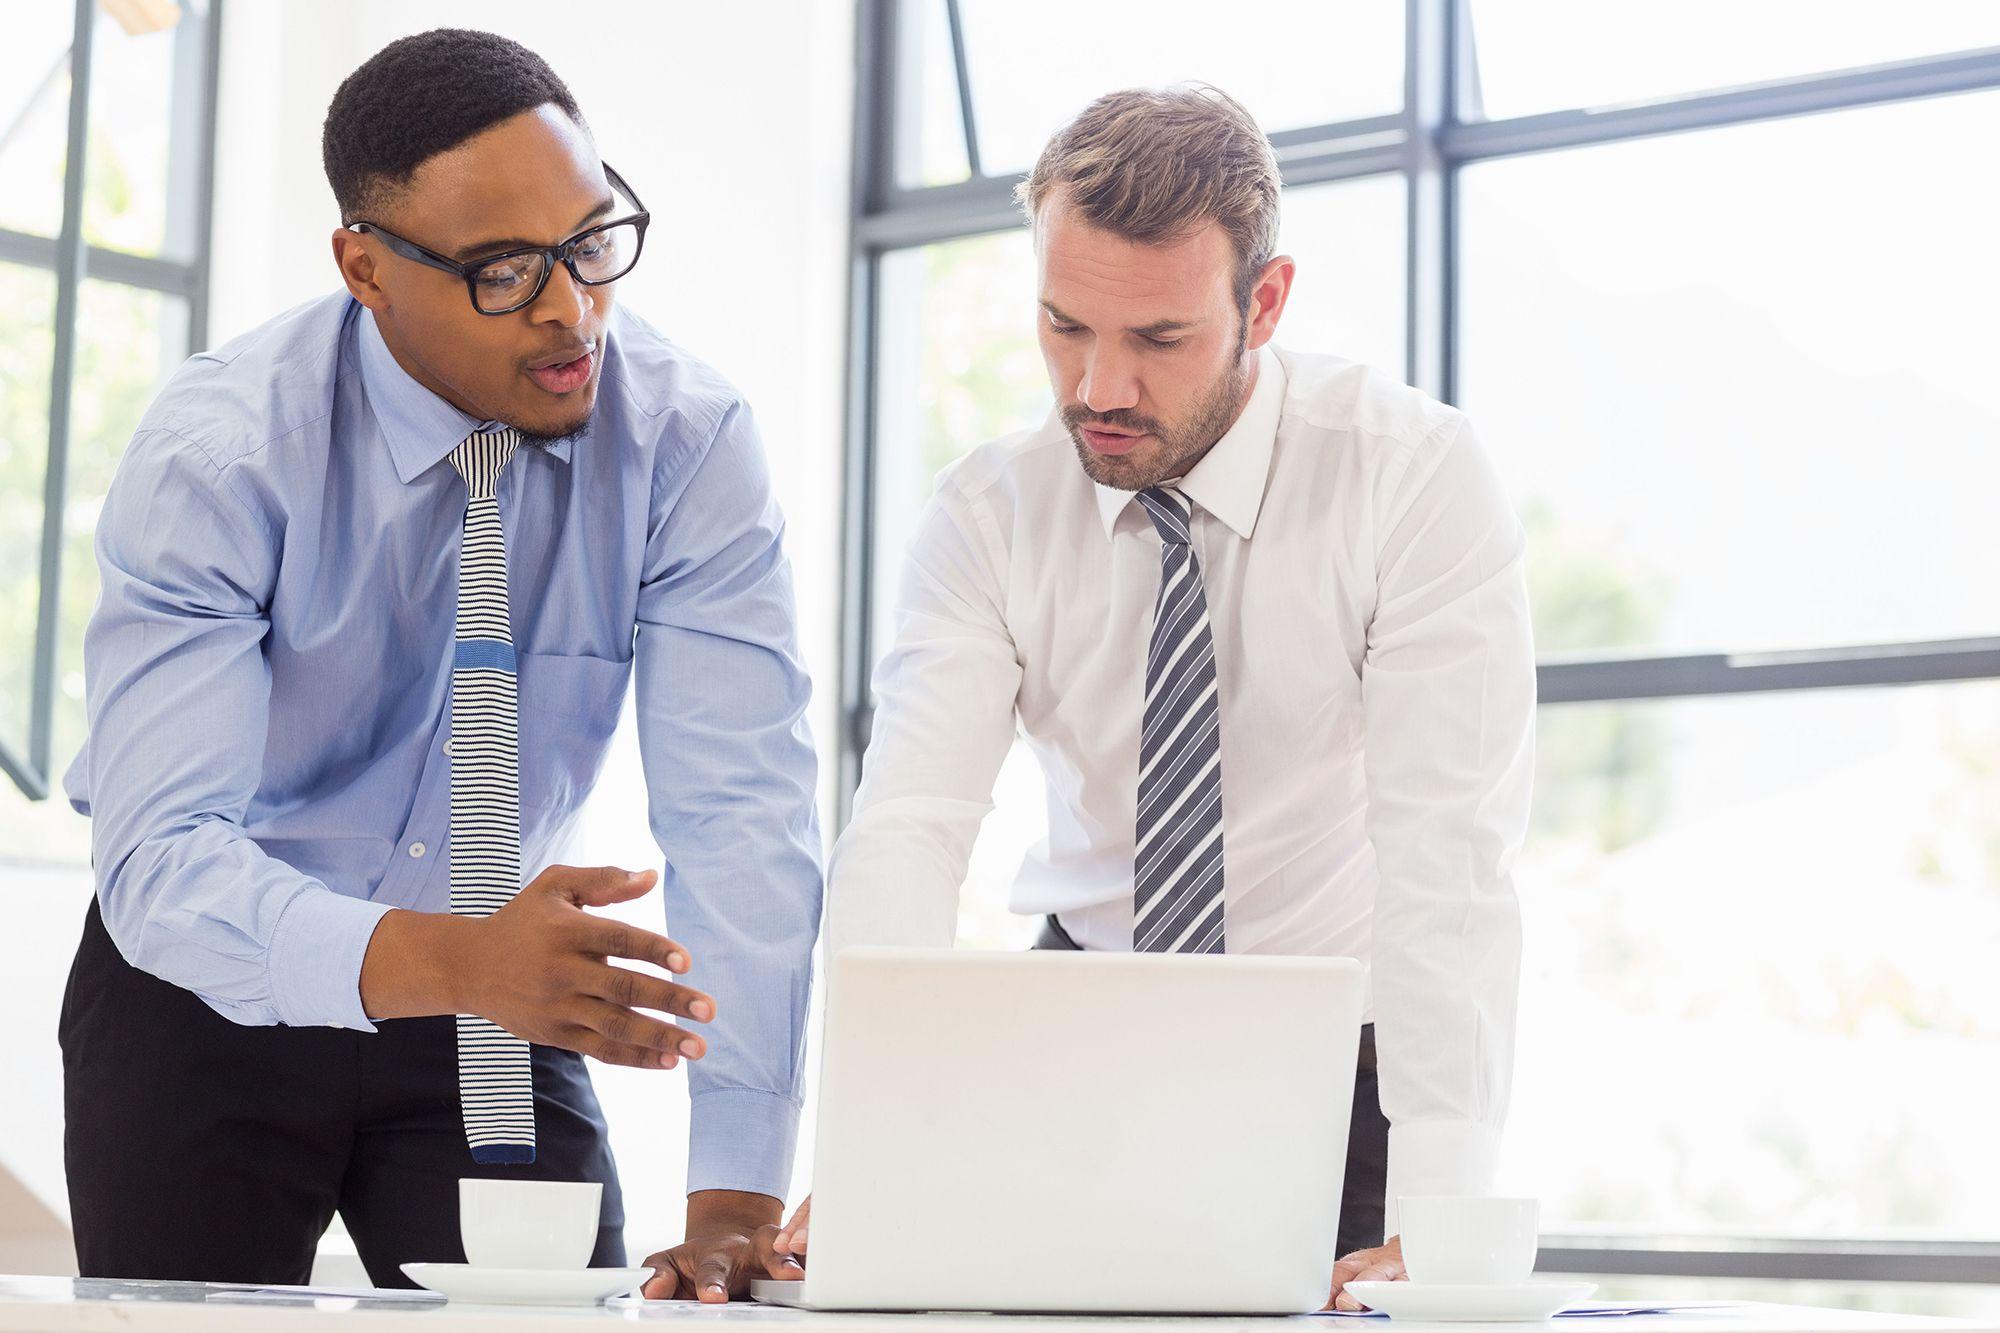 dois homens conversando e utilizando notebook